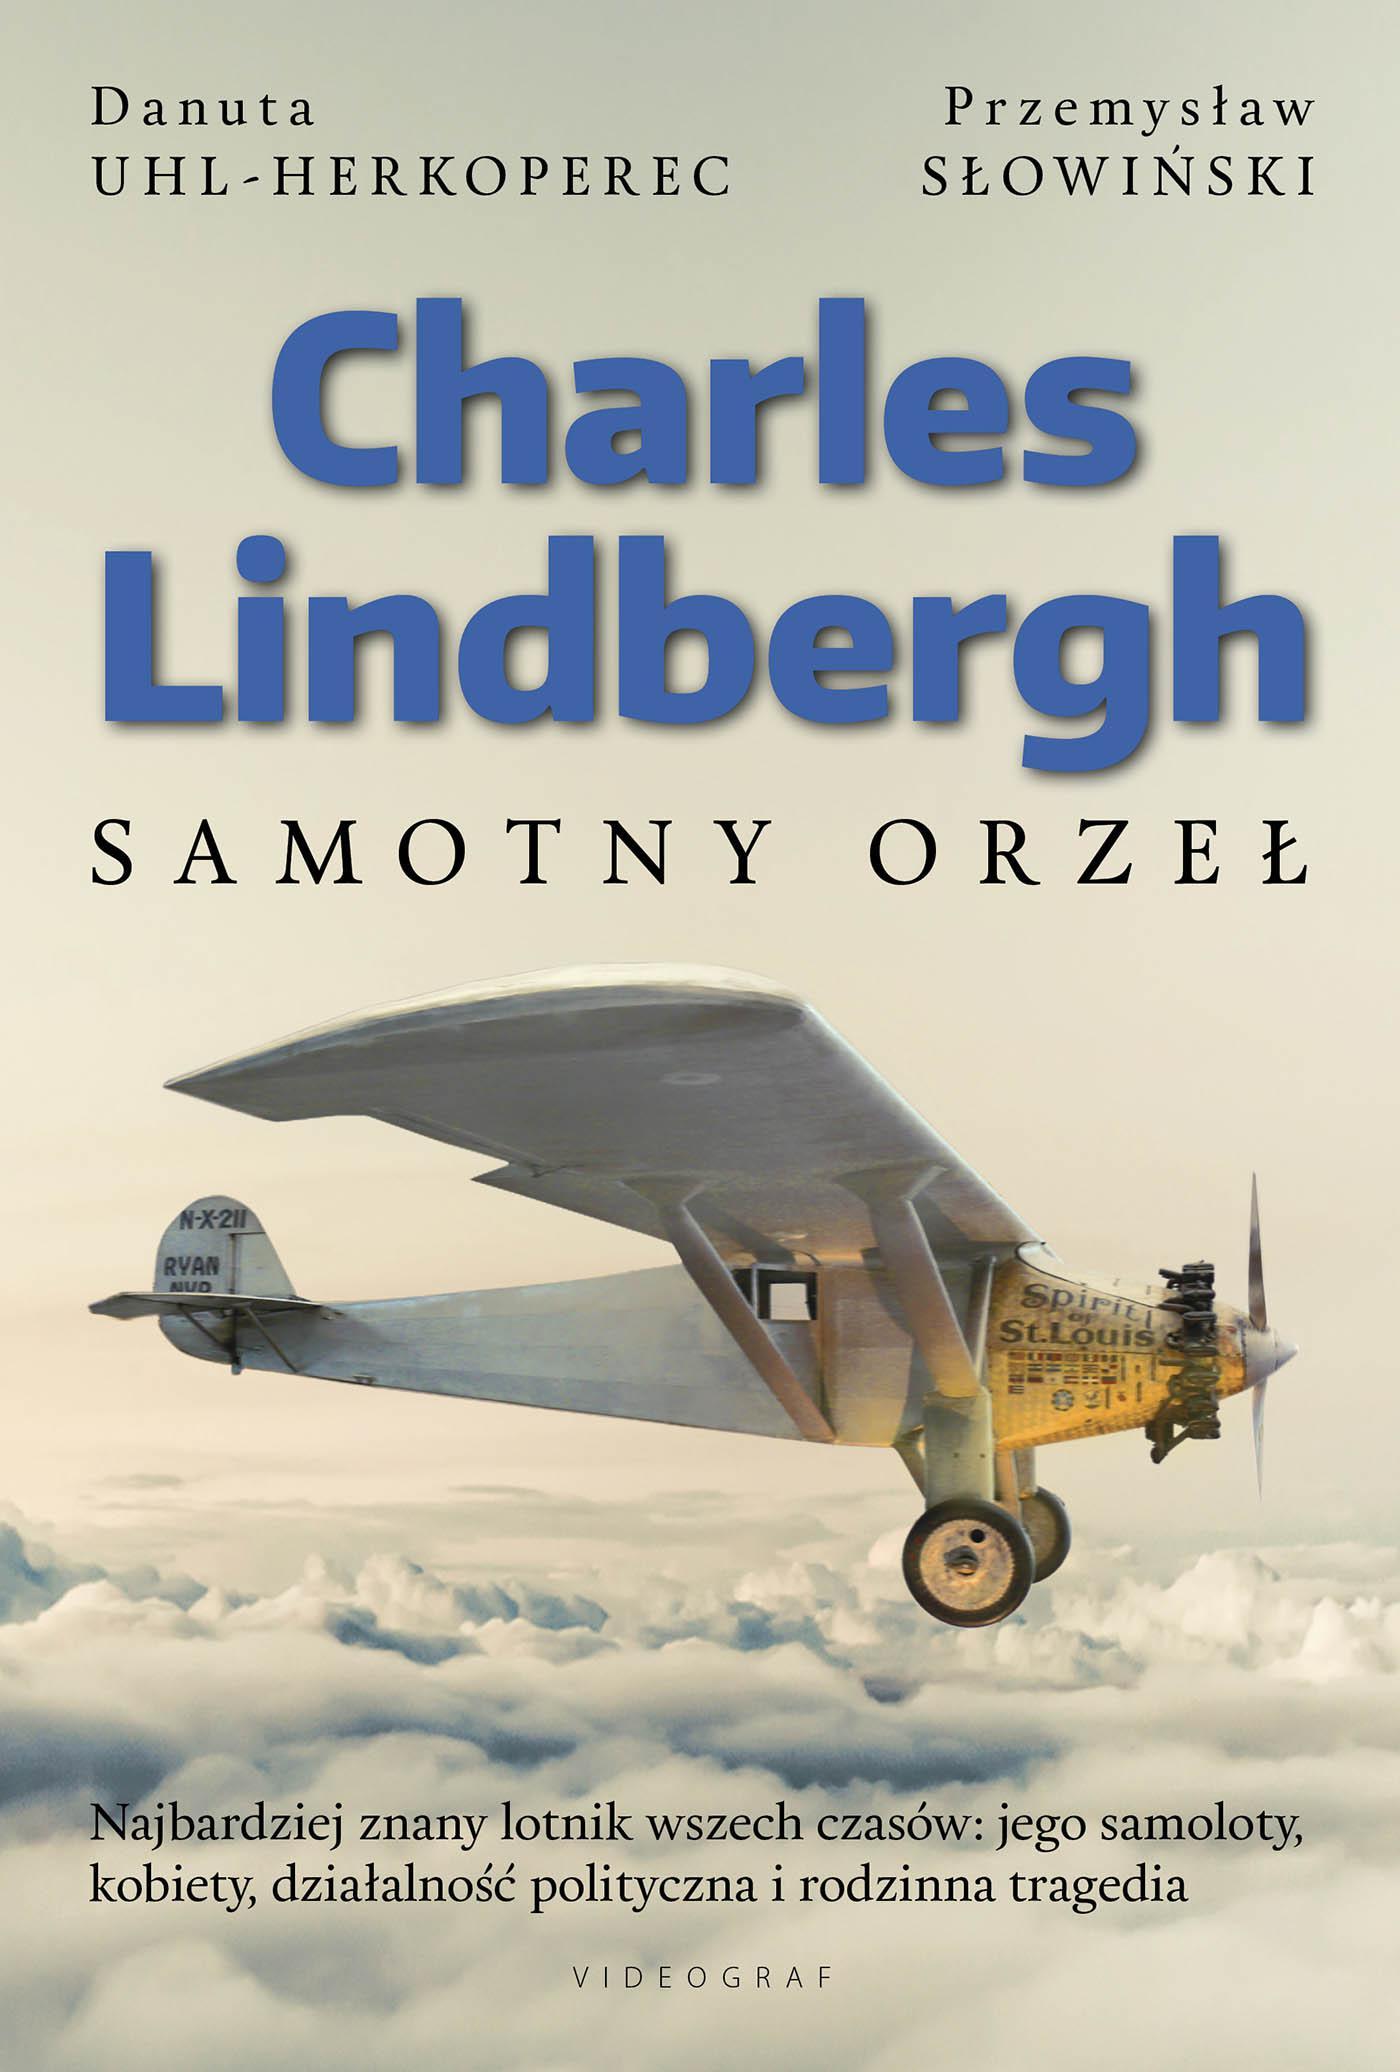 Charles Lindbergh. Samotny orzeł - Ebook (Książka EPUB) do pobrania w formacie EPUB